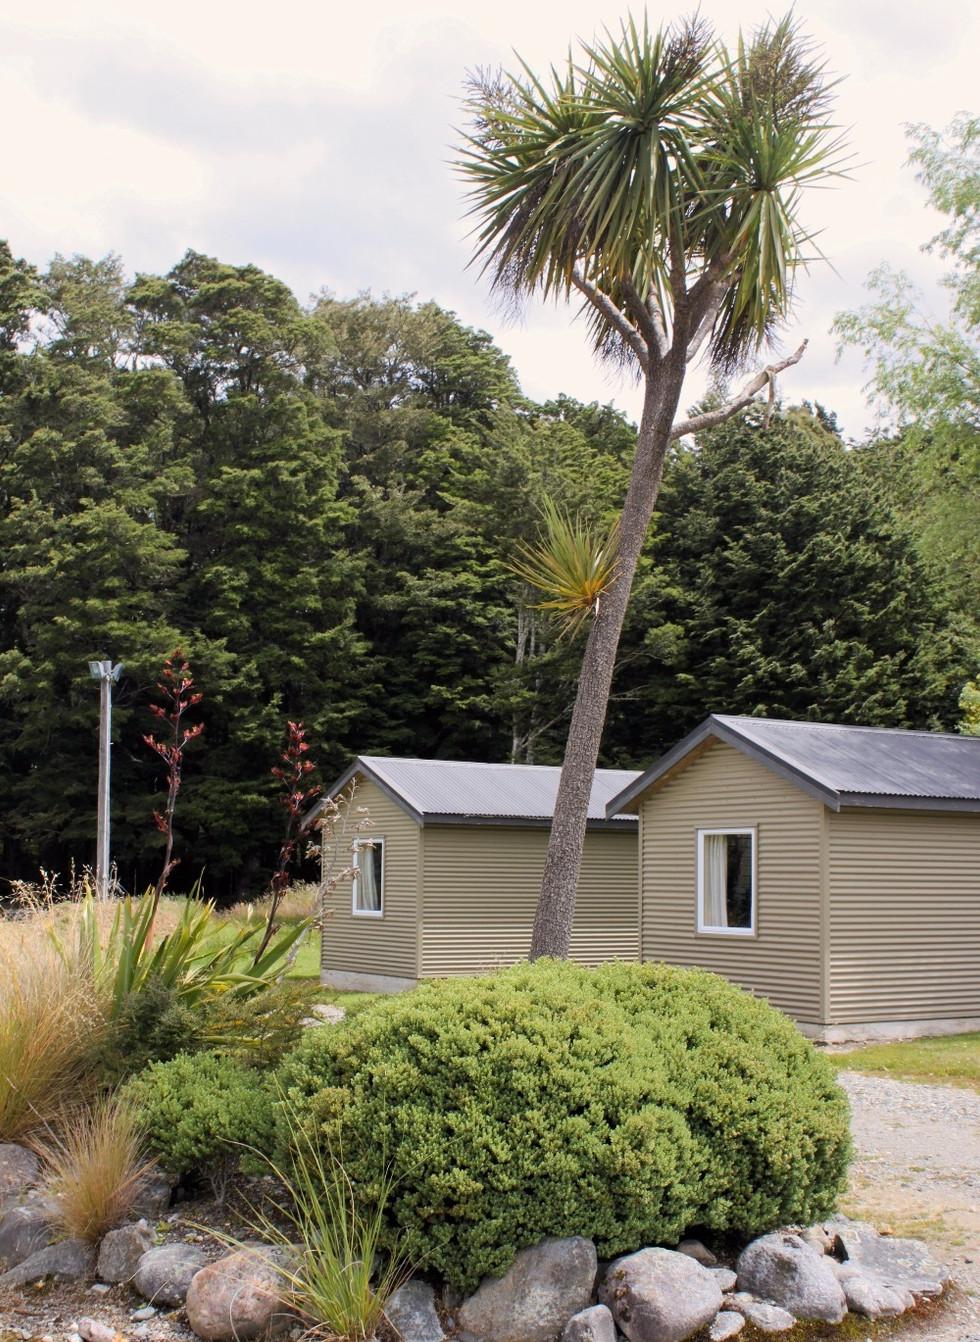 Borland Lodge, Southland Huts and Planting